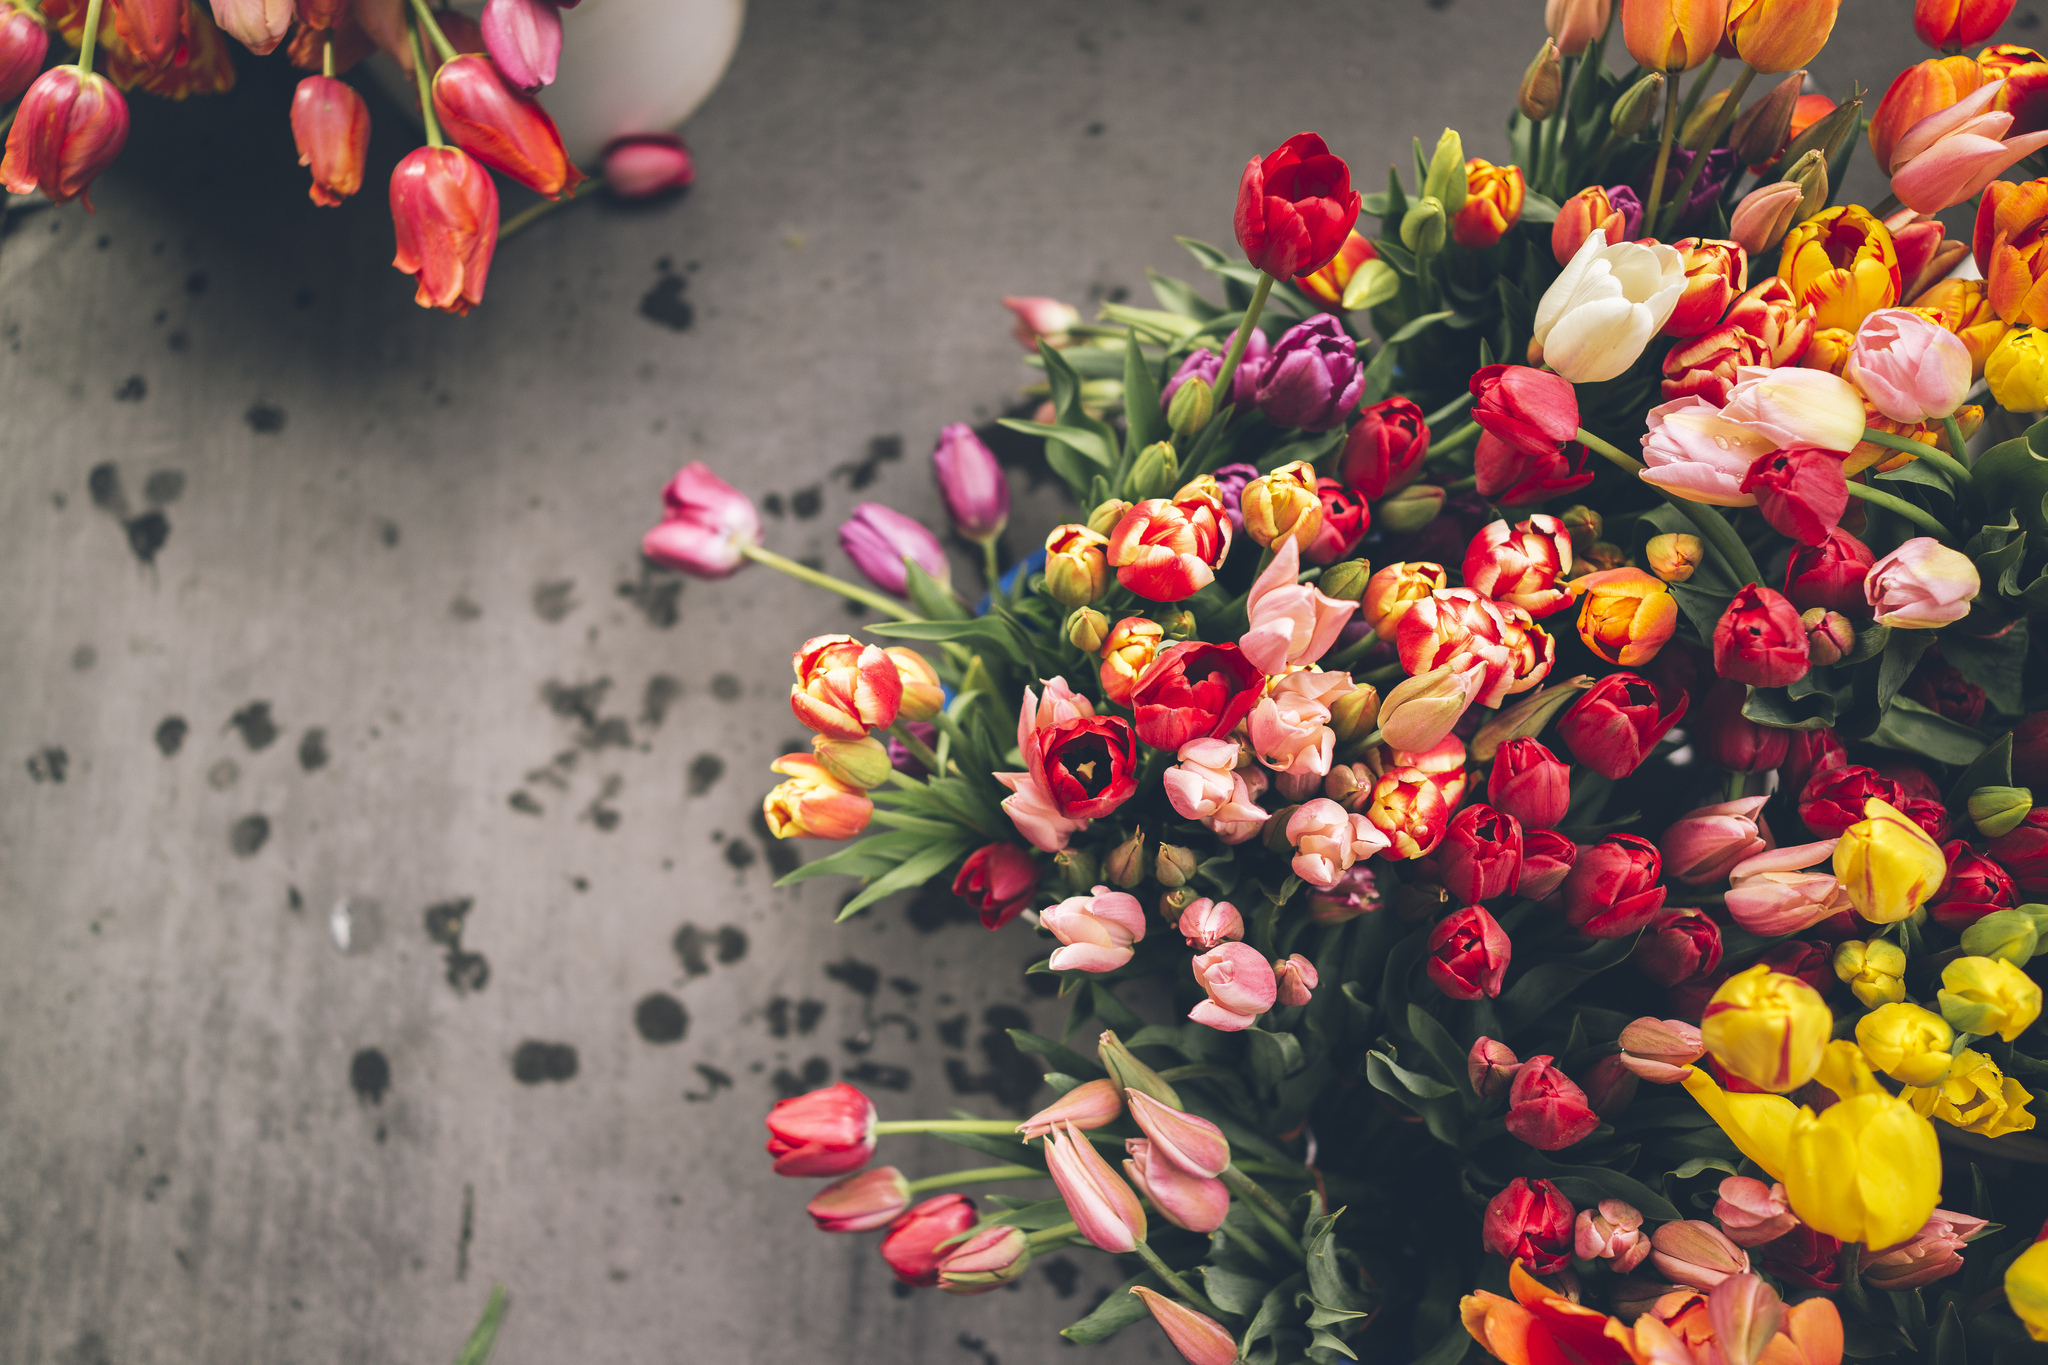 Bouquet Tumblr - Castrophotos